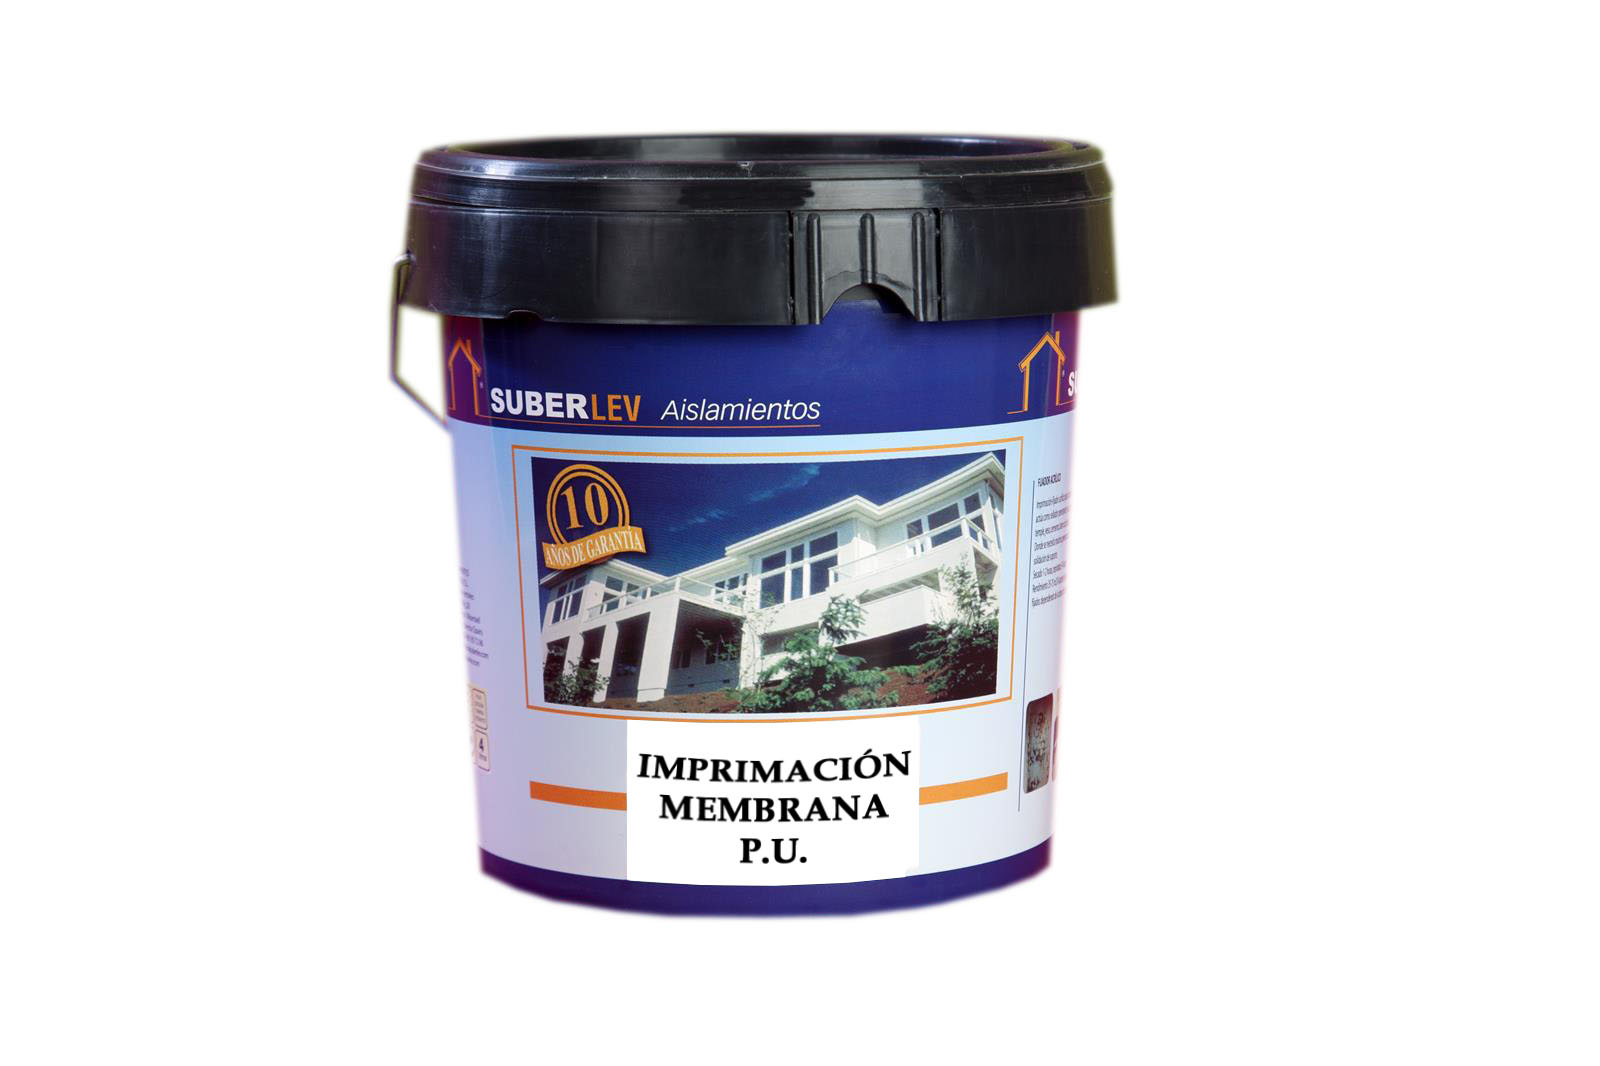 Imprimaci n memb de poliuretano 4l tienda online for Pintura de poliuretano